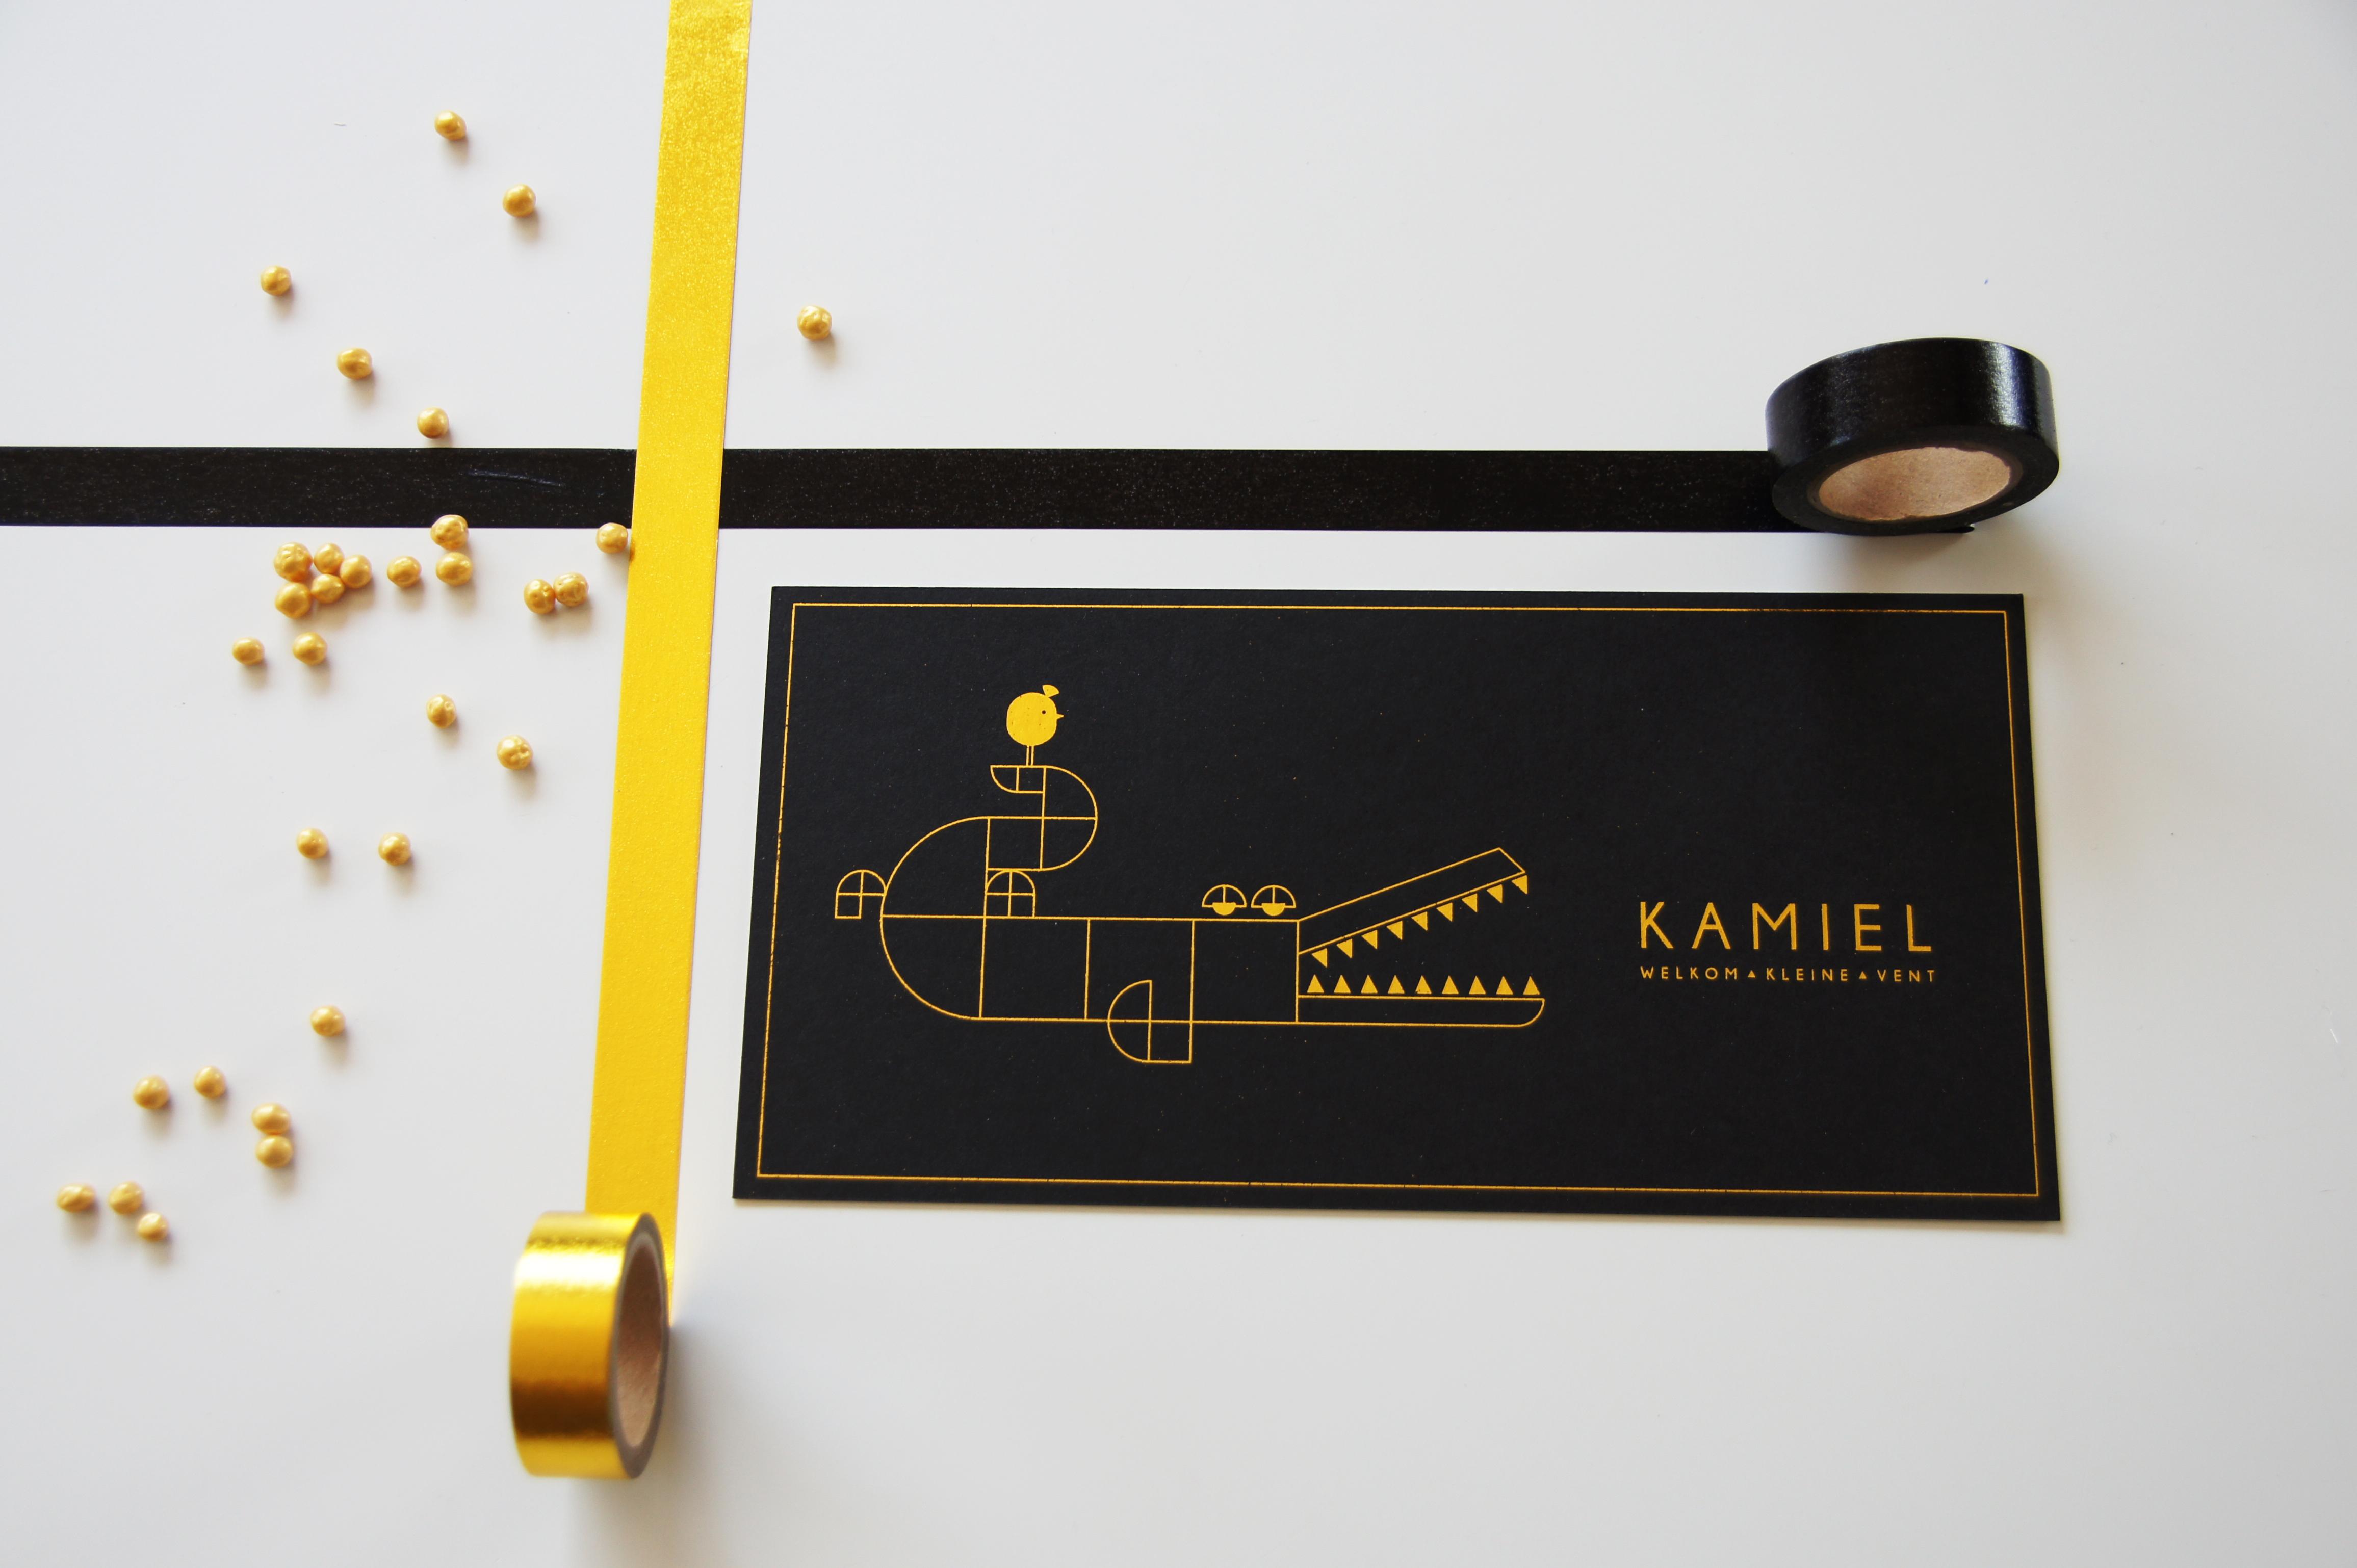 NIEUW - KAMIEL